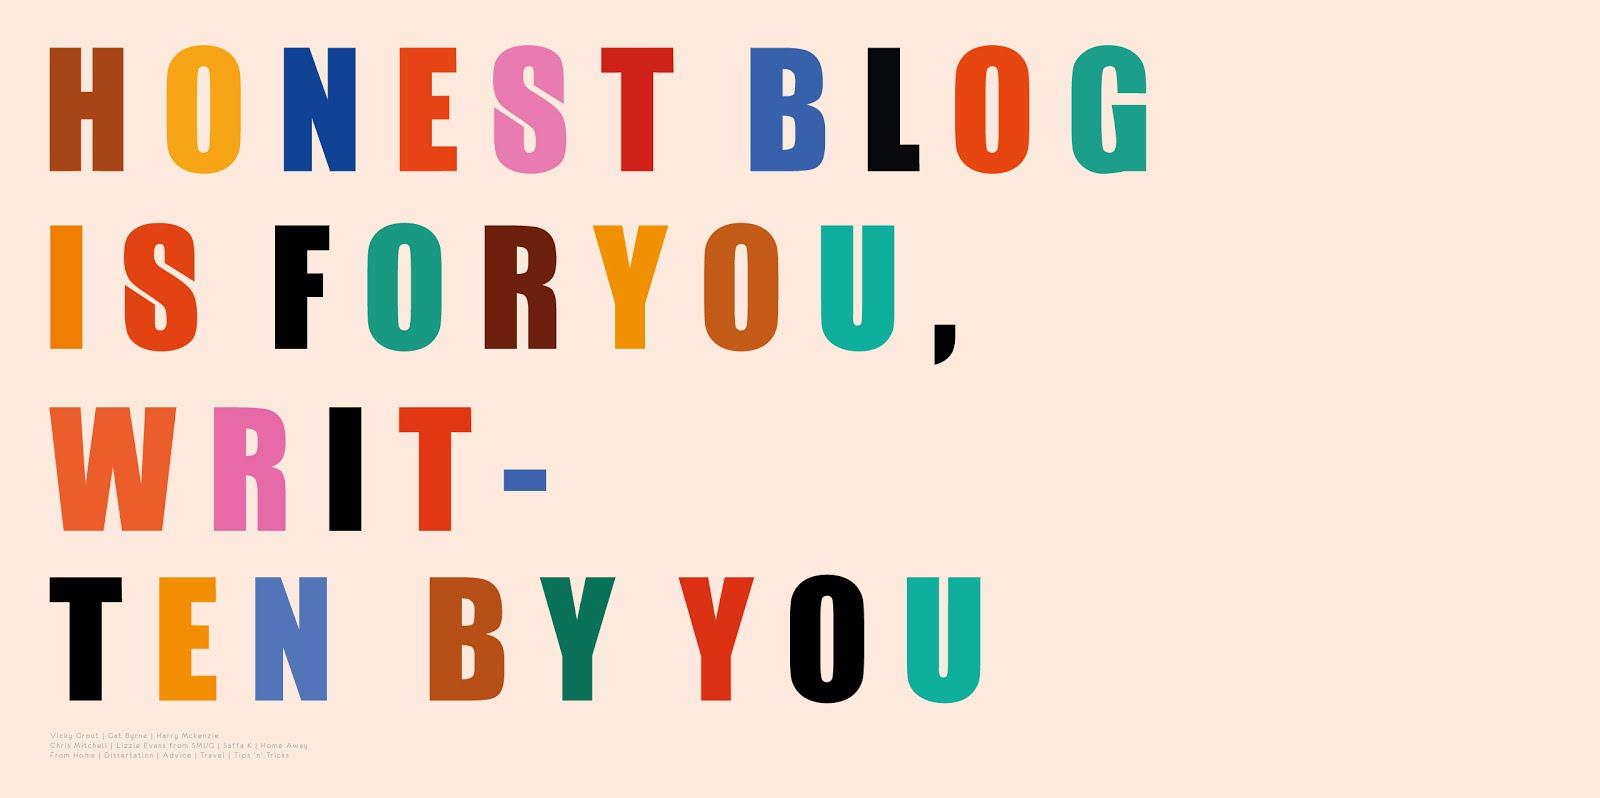 Honest Blog